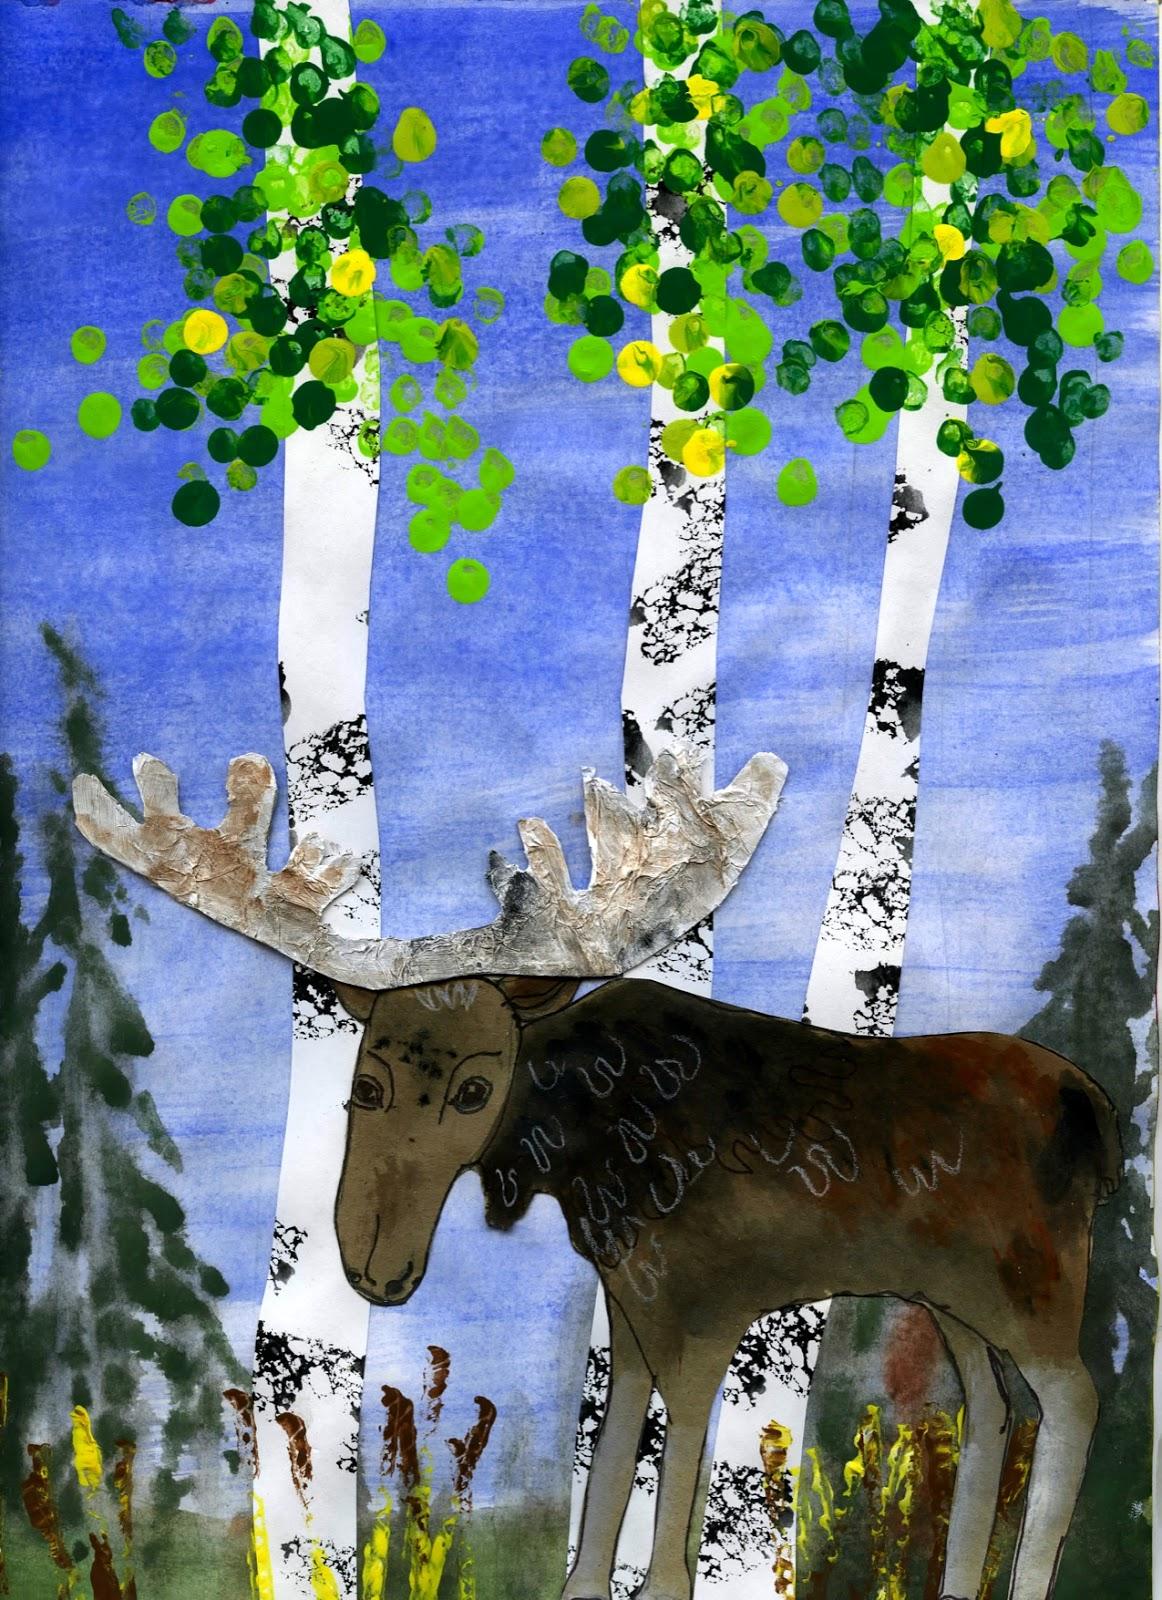 moose in uniform painting